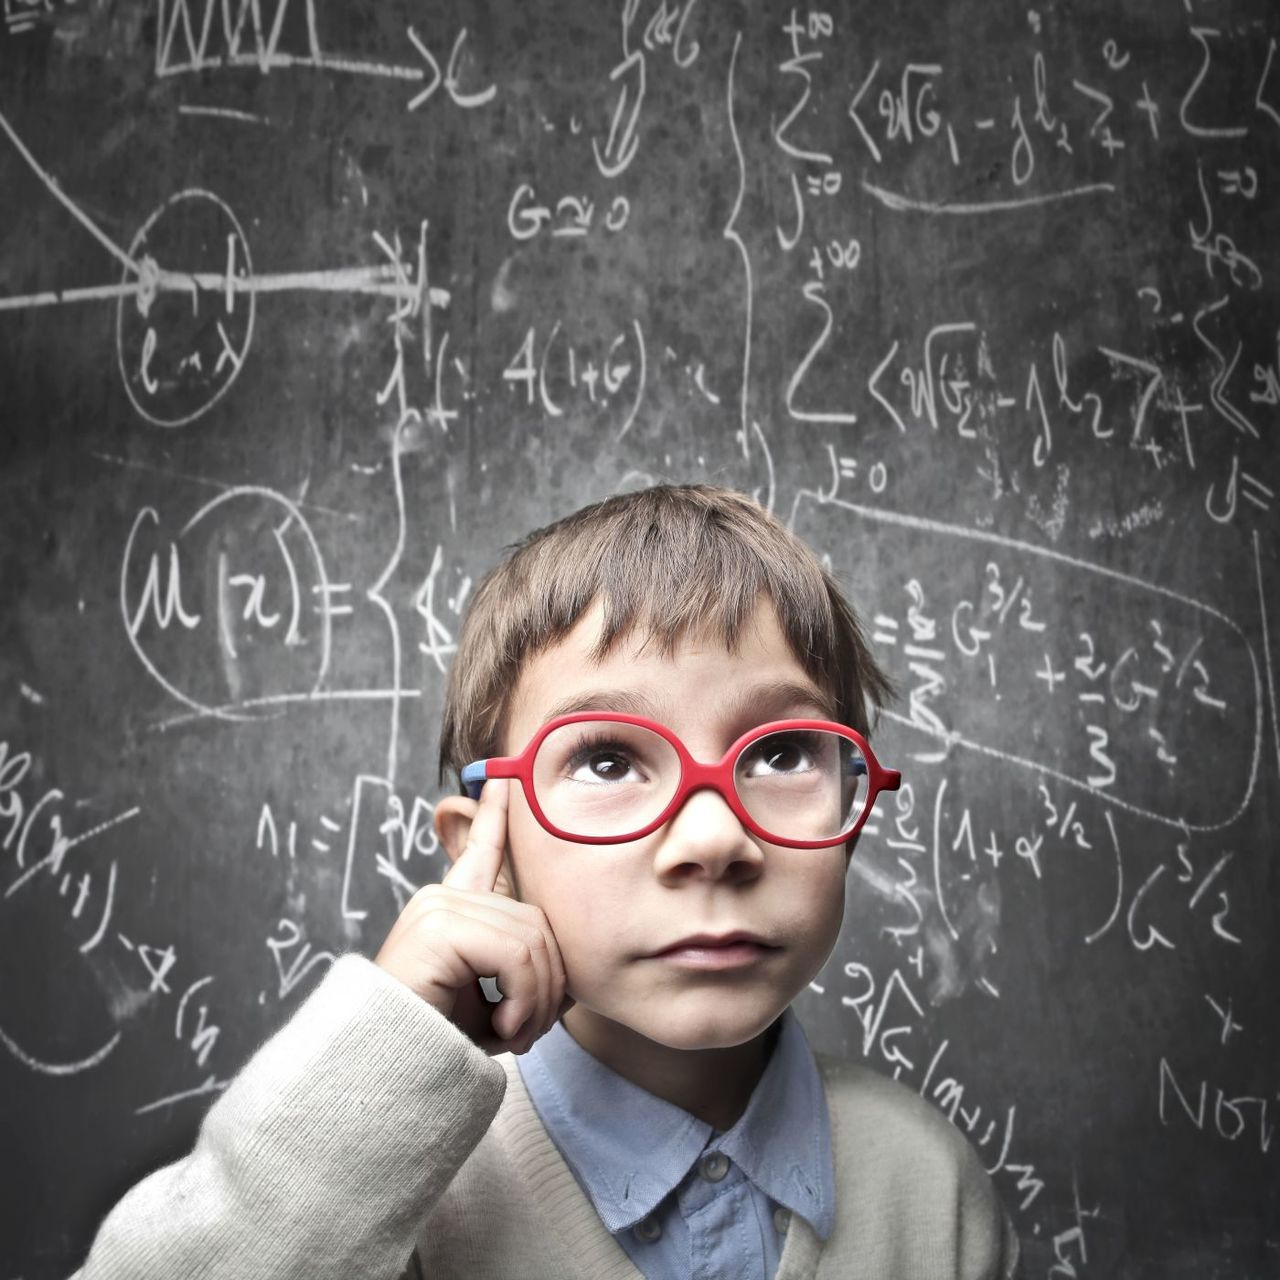 Ученые: интеллектуальные игры помогут вырастить гения